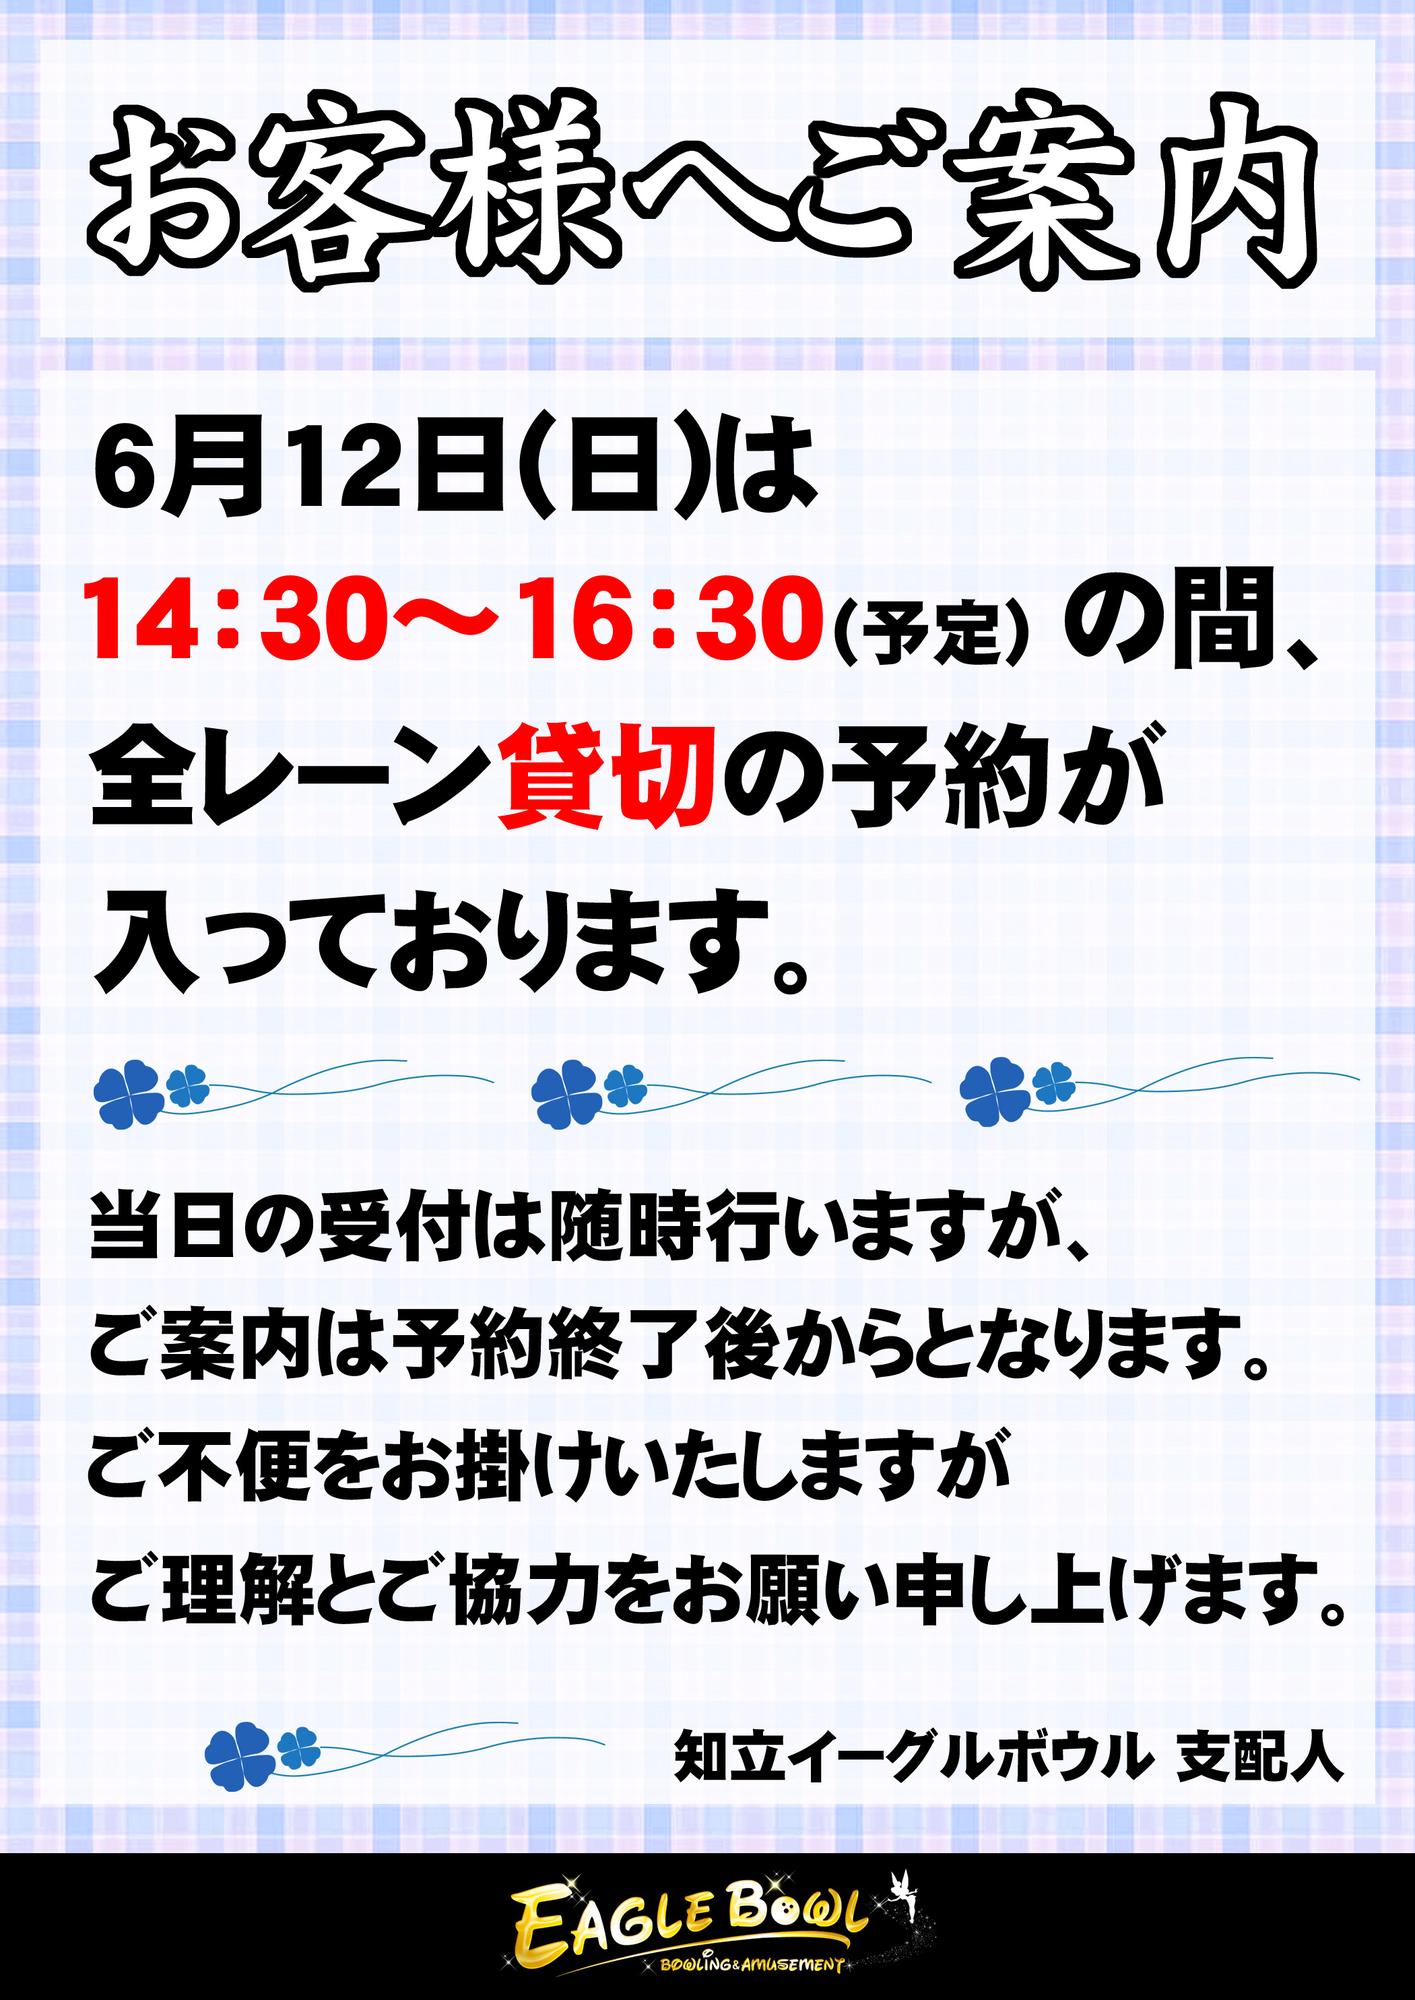 6/12 営業案内